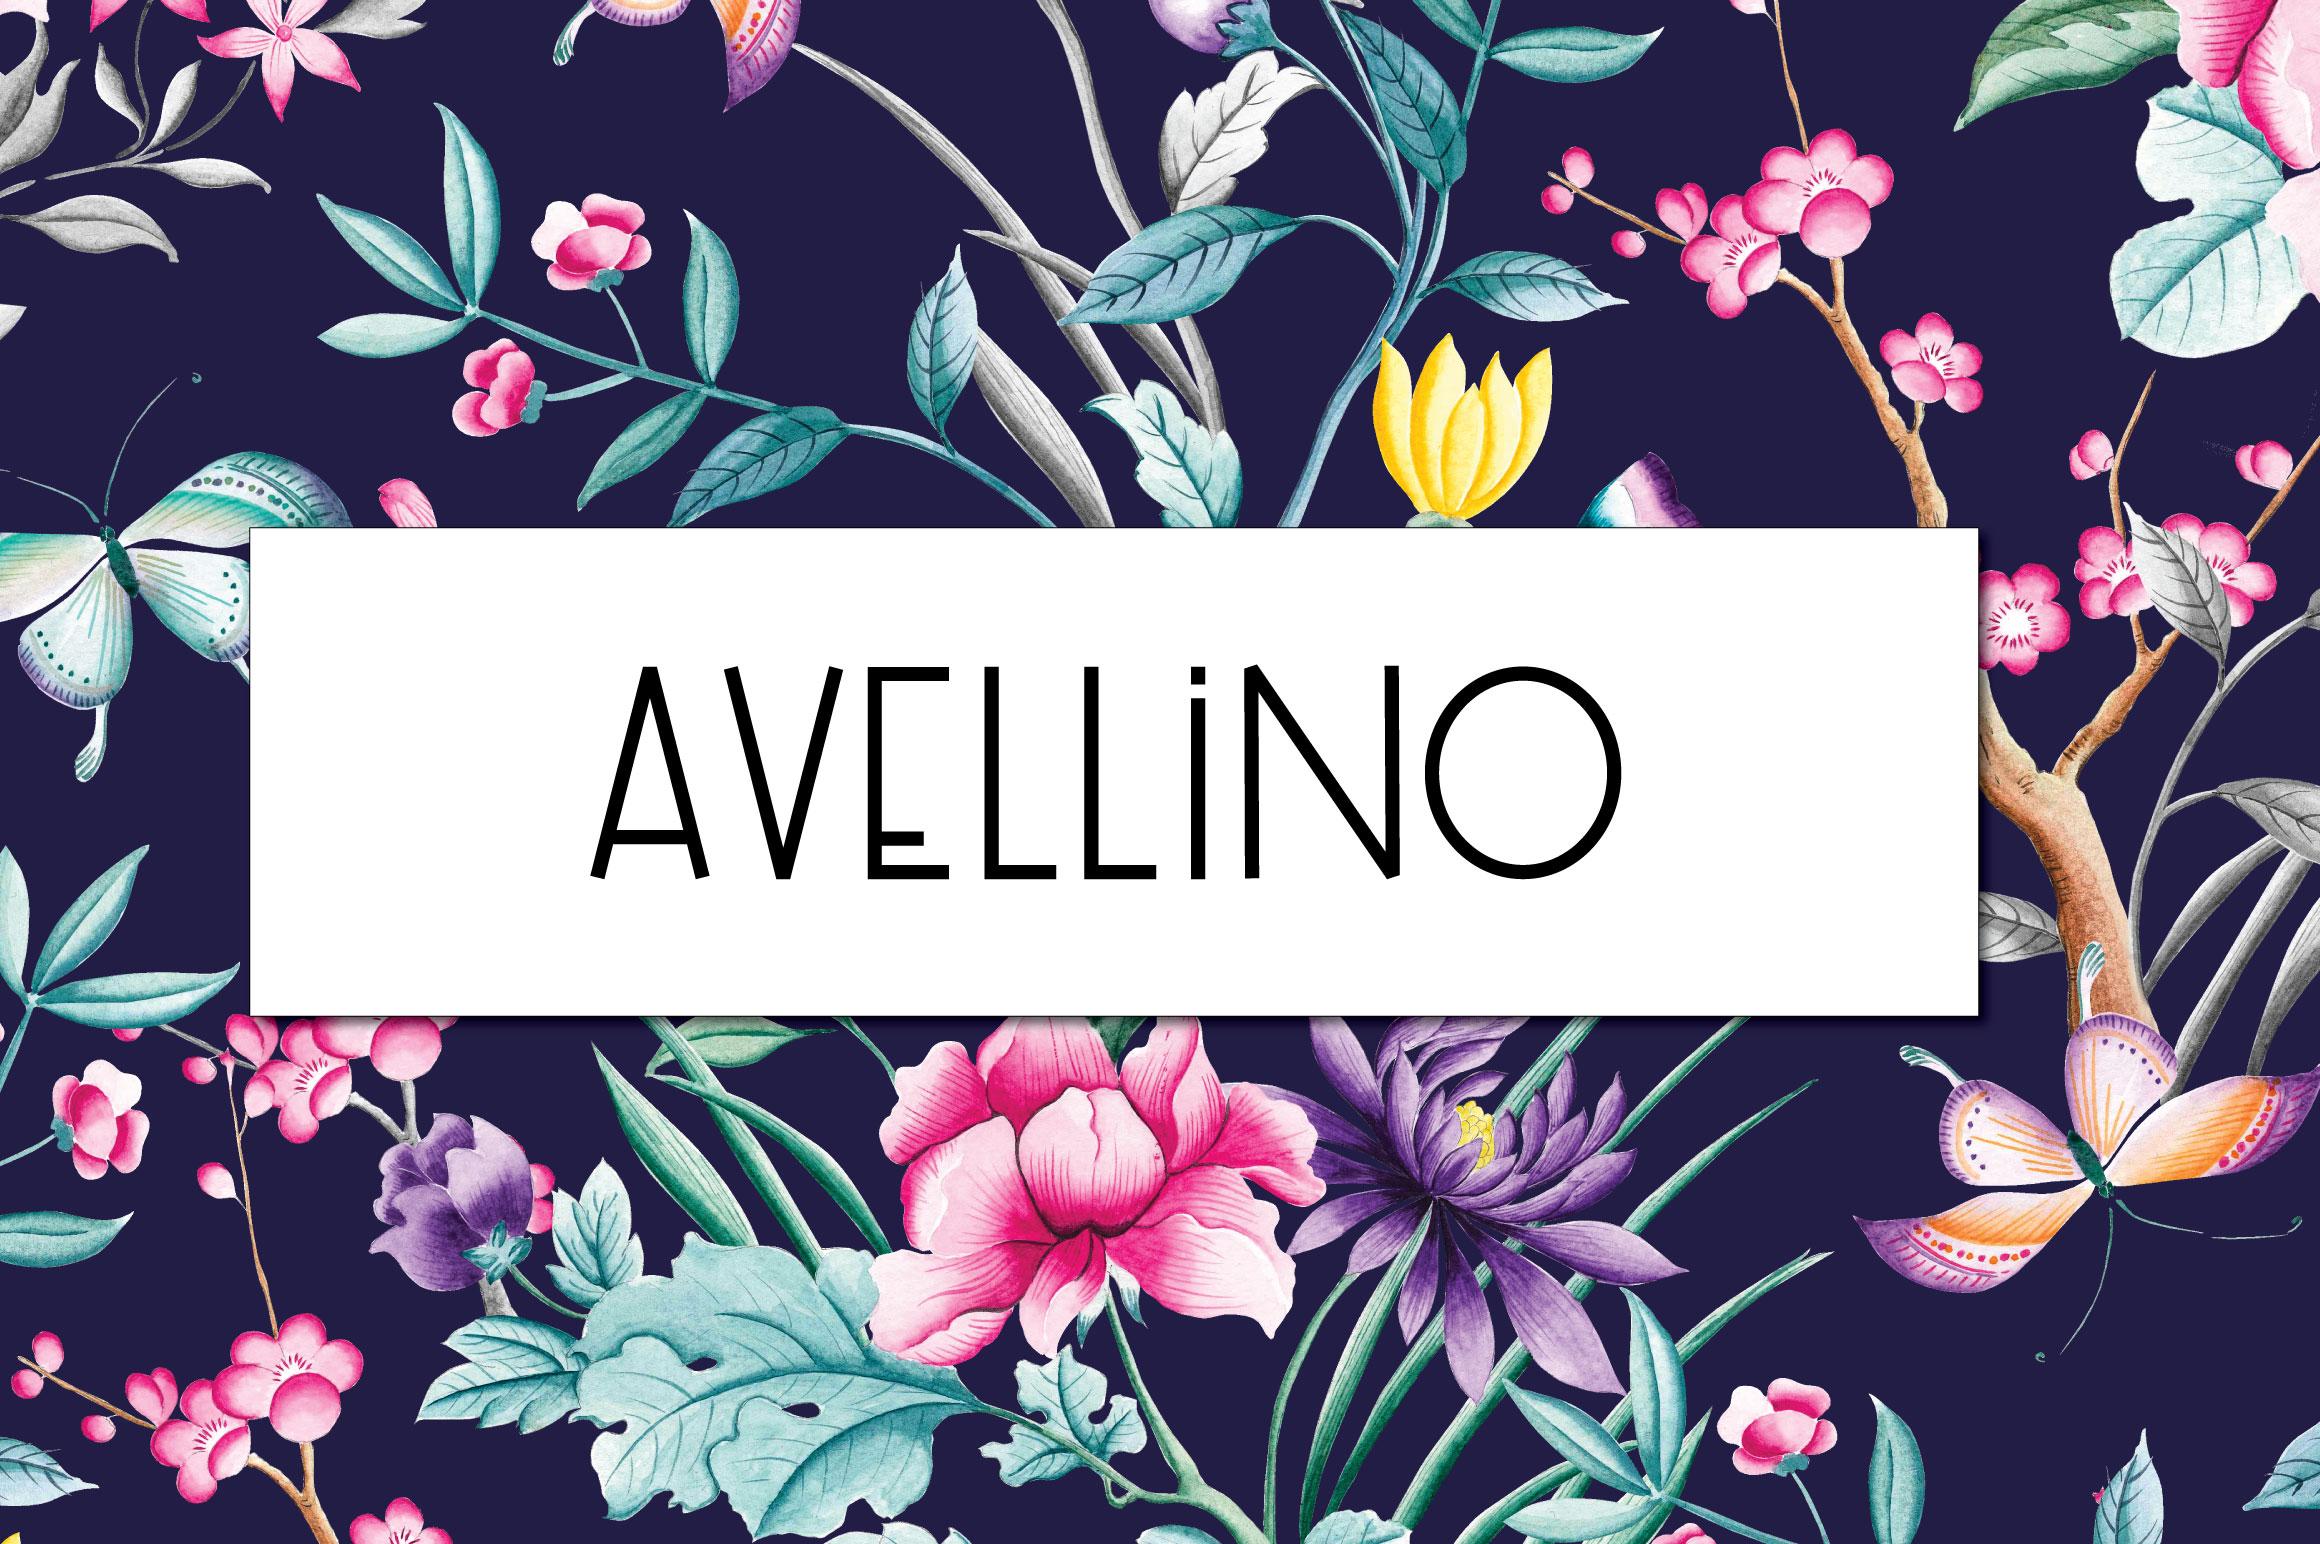 Avellino | Multilingual Sans Serif example image 1